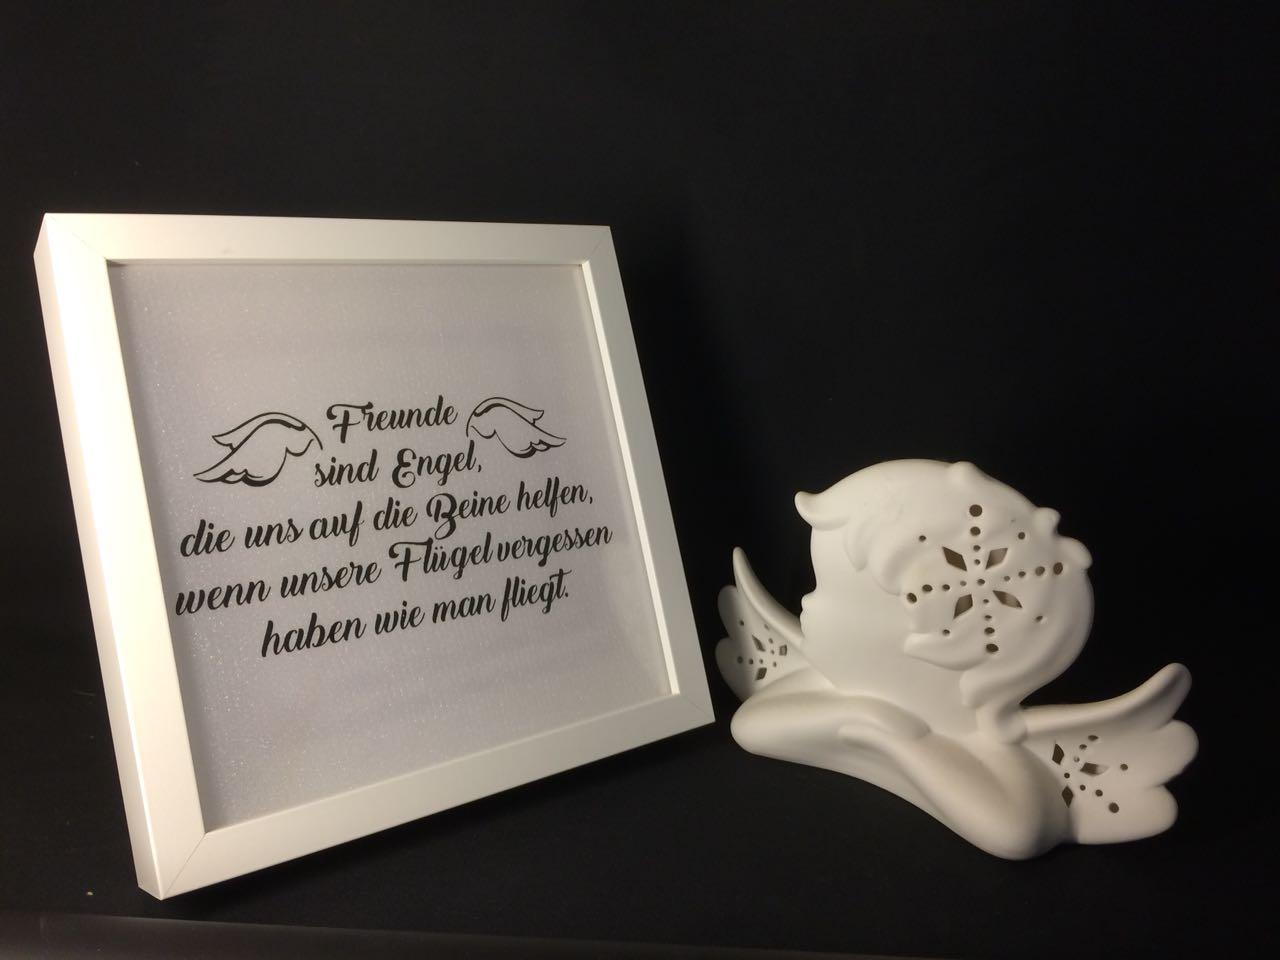 freunde sind engel die uns auf die beine helfen wenn unsere fl gel vergessen haben wie man. Black Bedroom Furniture Sets. Home Design Ideas